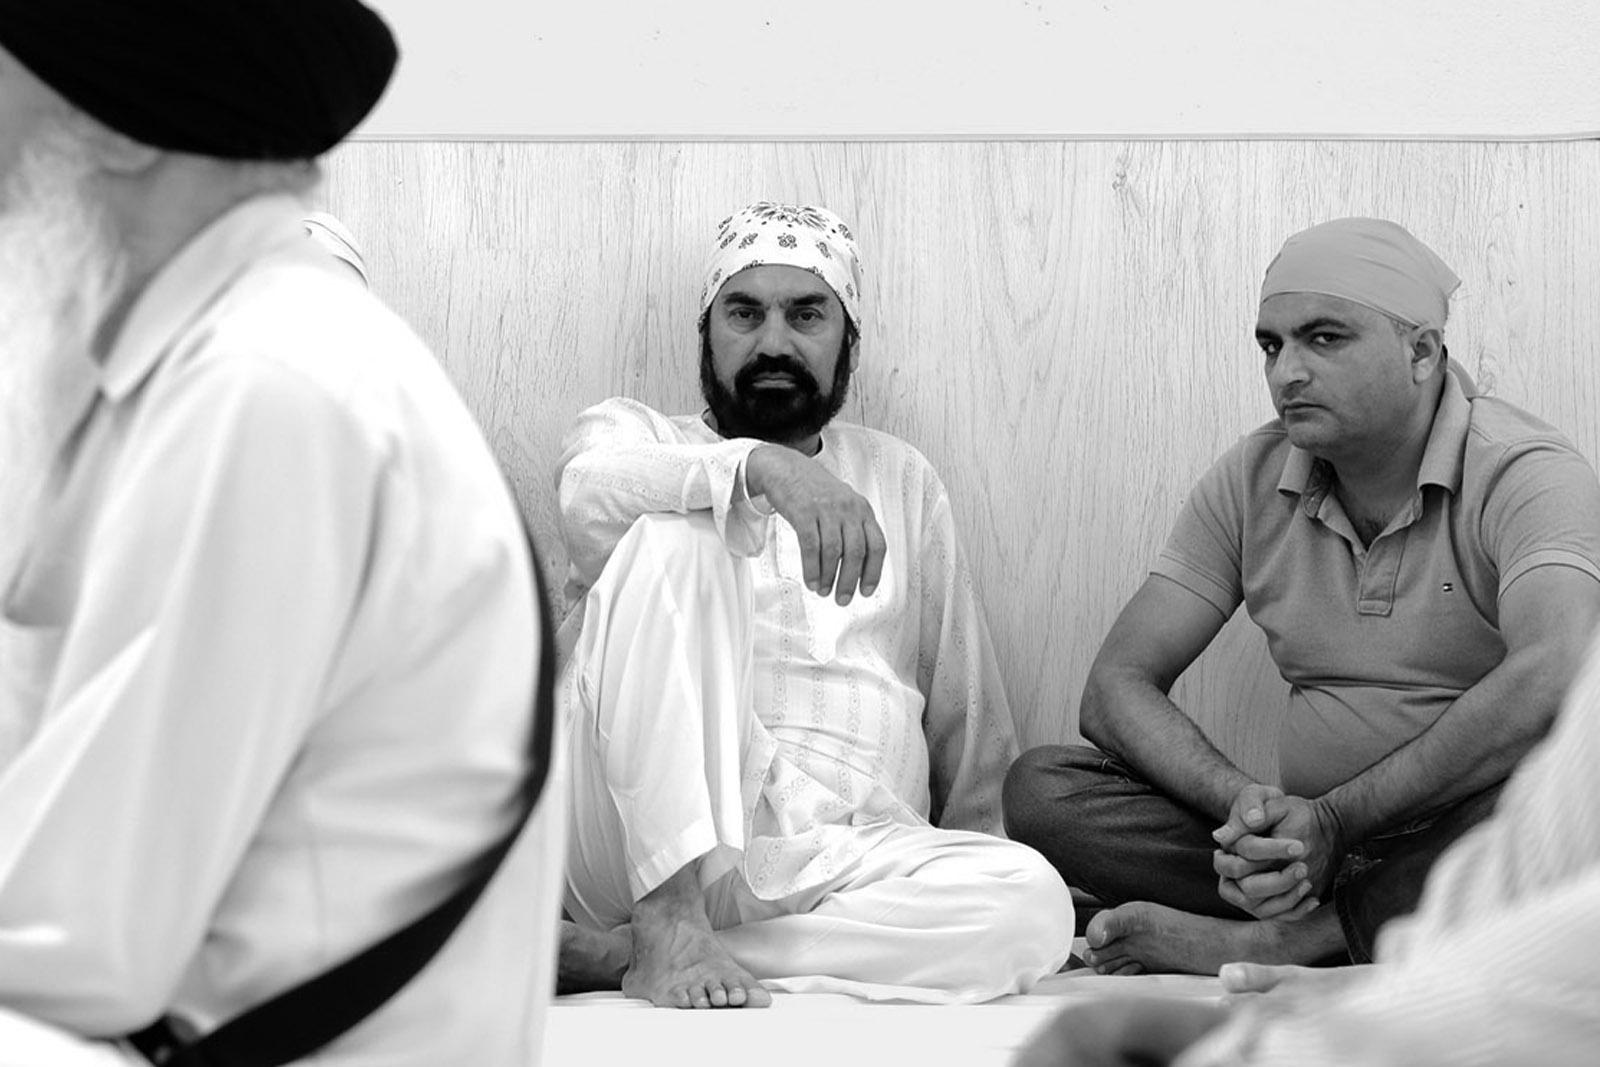 06_Sikh